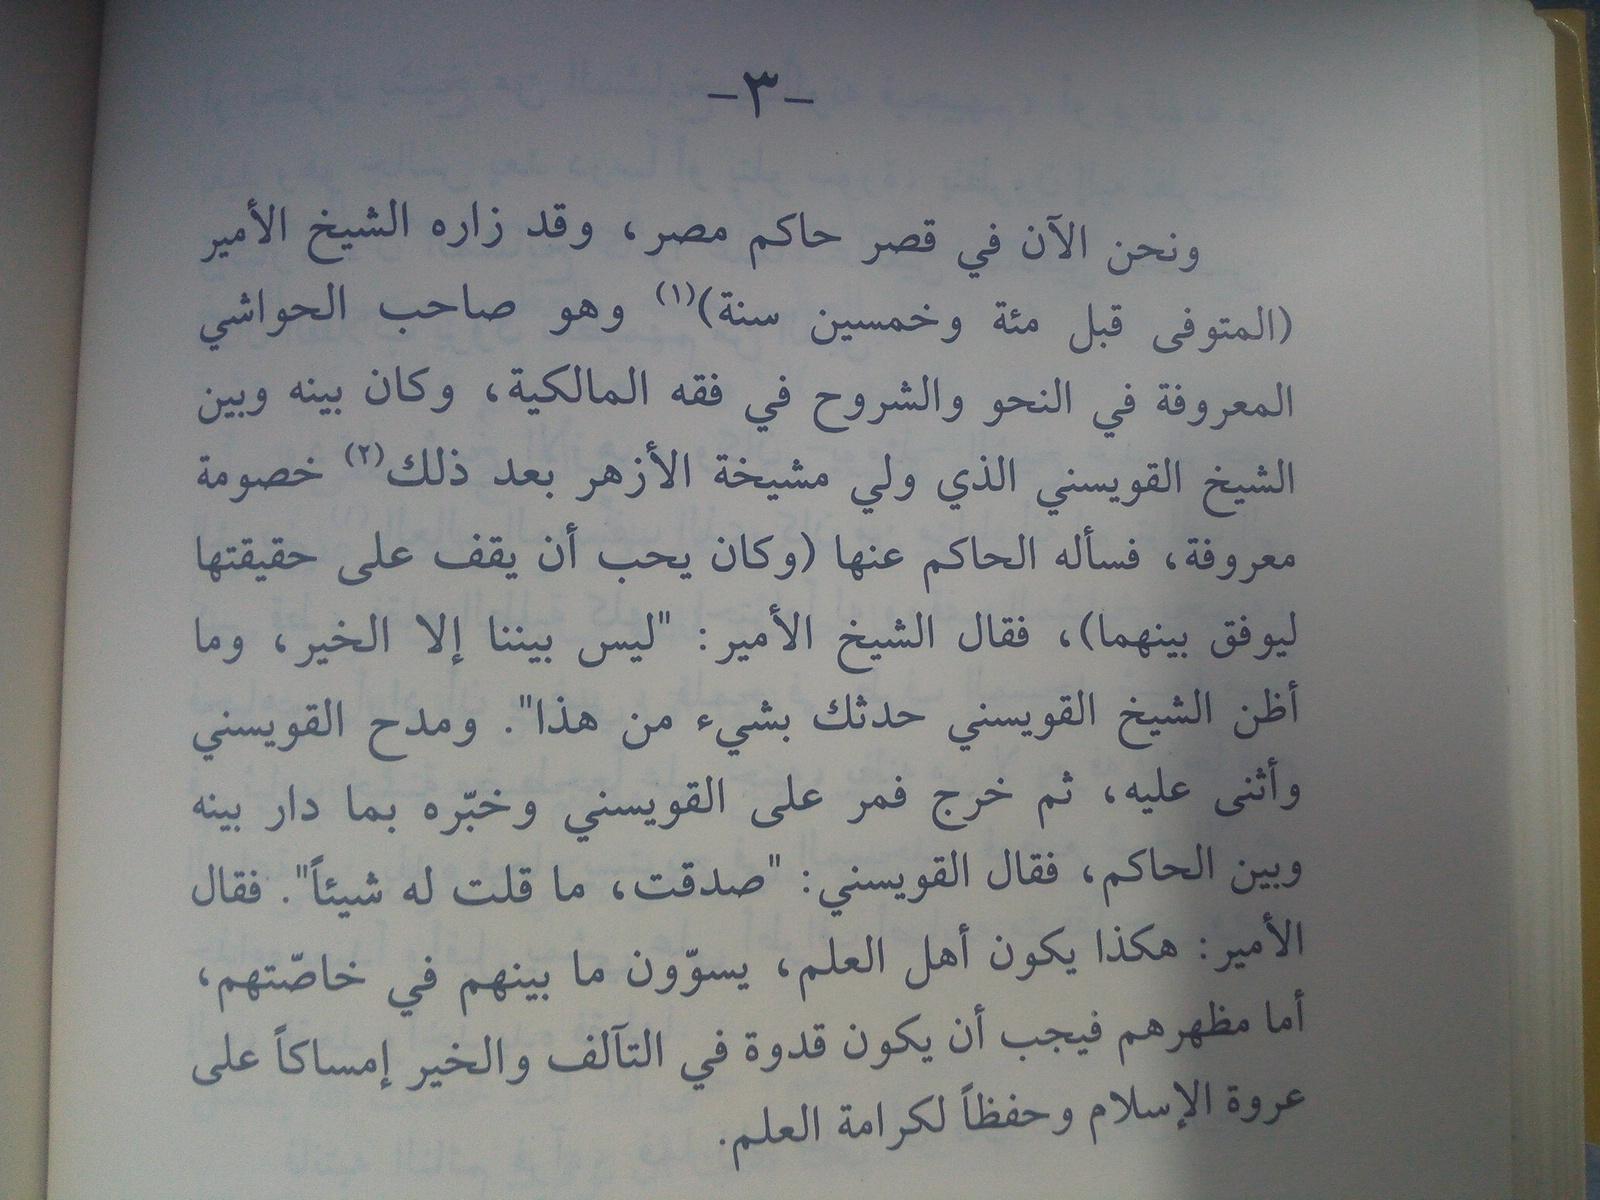 مقتطفات من مقالة من تاريخنا العلمي - كتاب مع الناس للشيخ على الطنطاوي